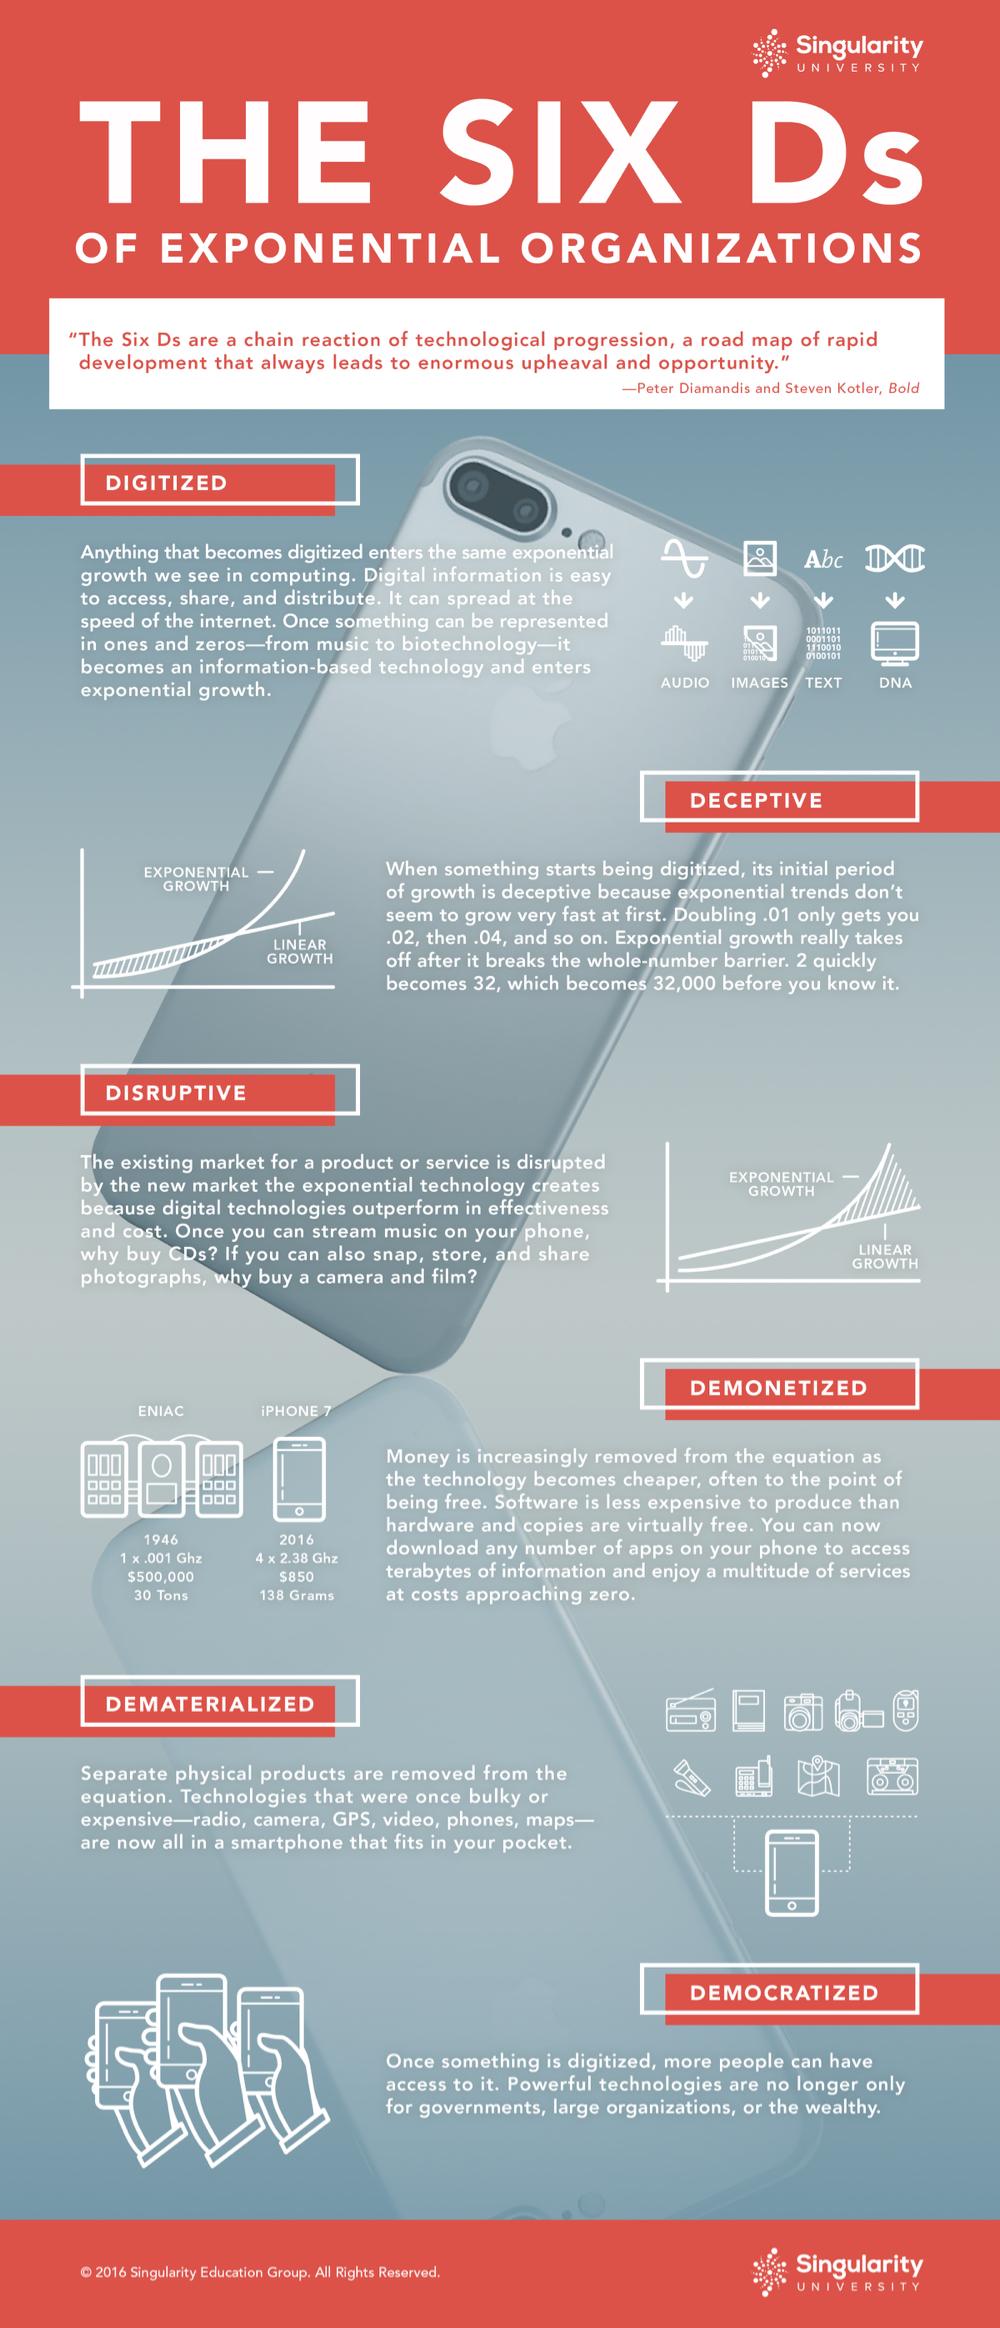 6ds-infographic-v2-2